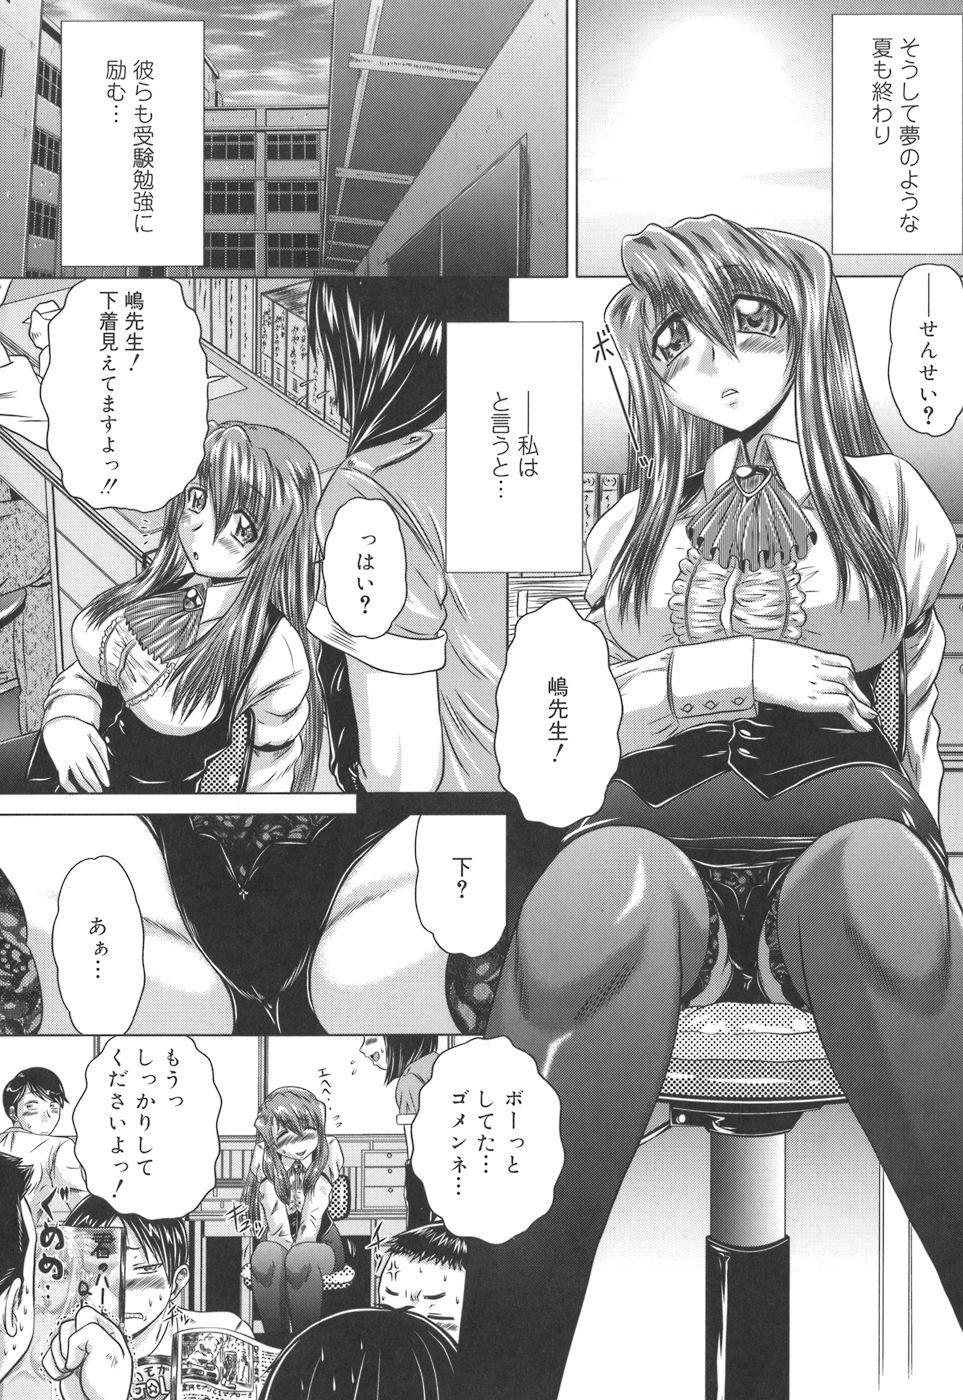 Iroka no Himitsu 40